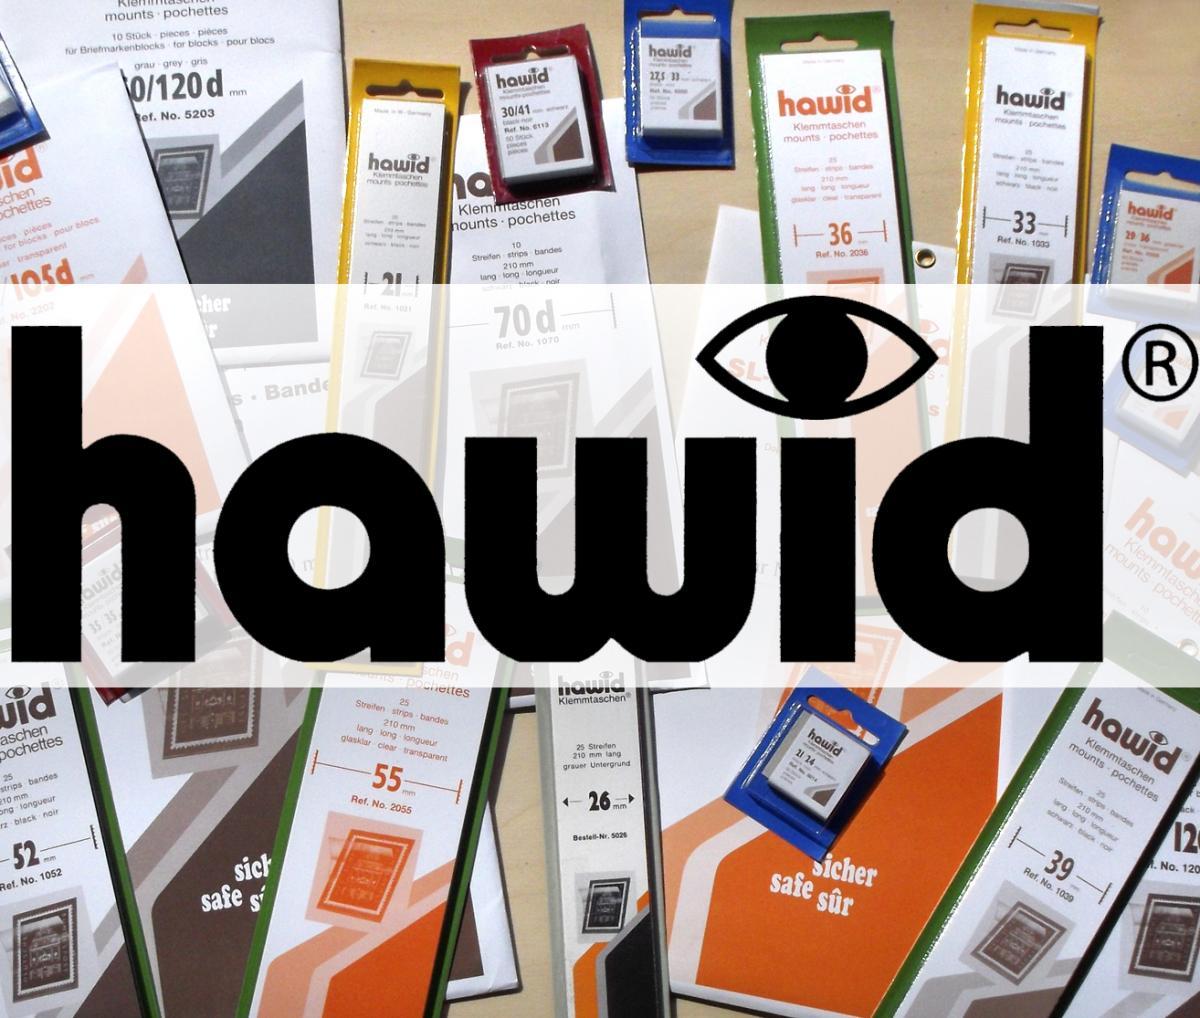 HAWID-Zuschnitte Klemmtaschen 40 x 24 mm, glasklar, 50 Stück (blaue Verpackung) 0